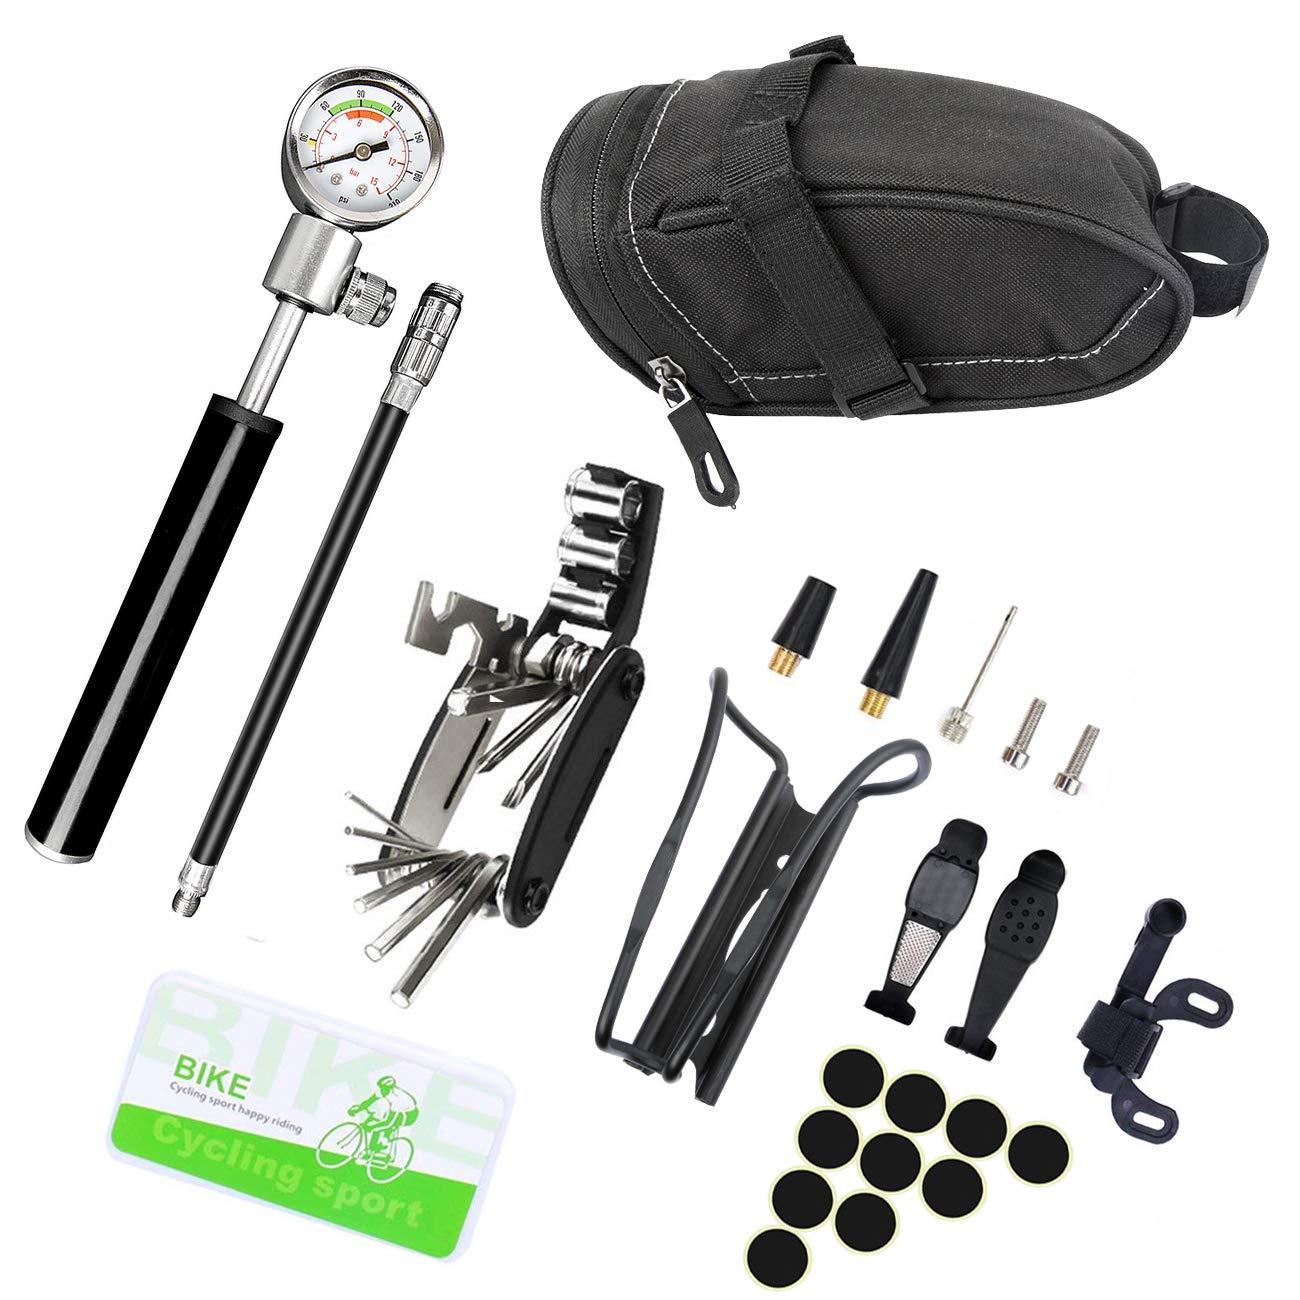 Kits de reparación de pinchazos para bicicletas, mini bomba de bicicleta con manómetro (210 PSI), 16 en 1 multiherramientas de reparación, bolsa de sillín de bicicleta, jaula de botella de agua, parches